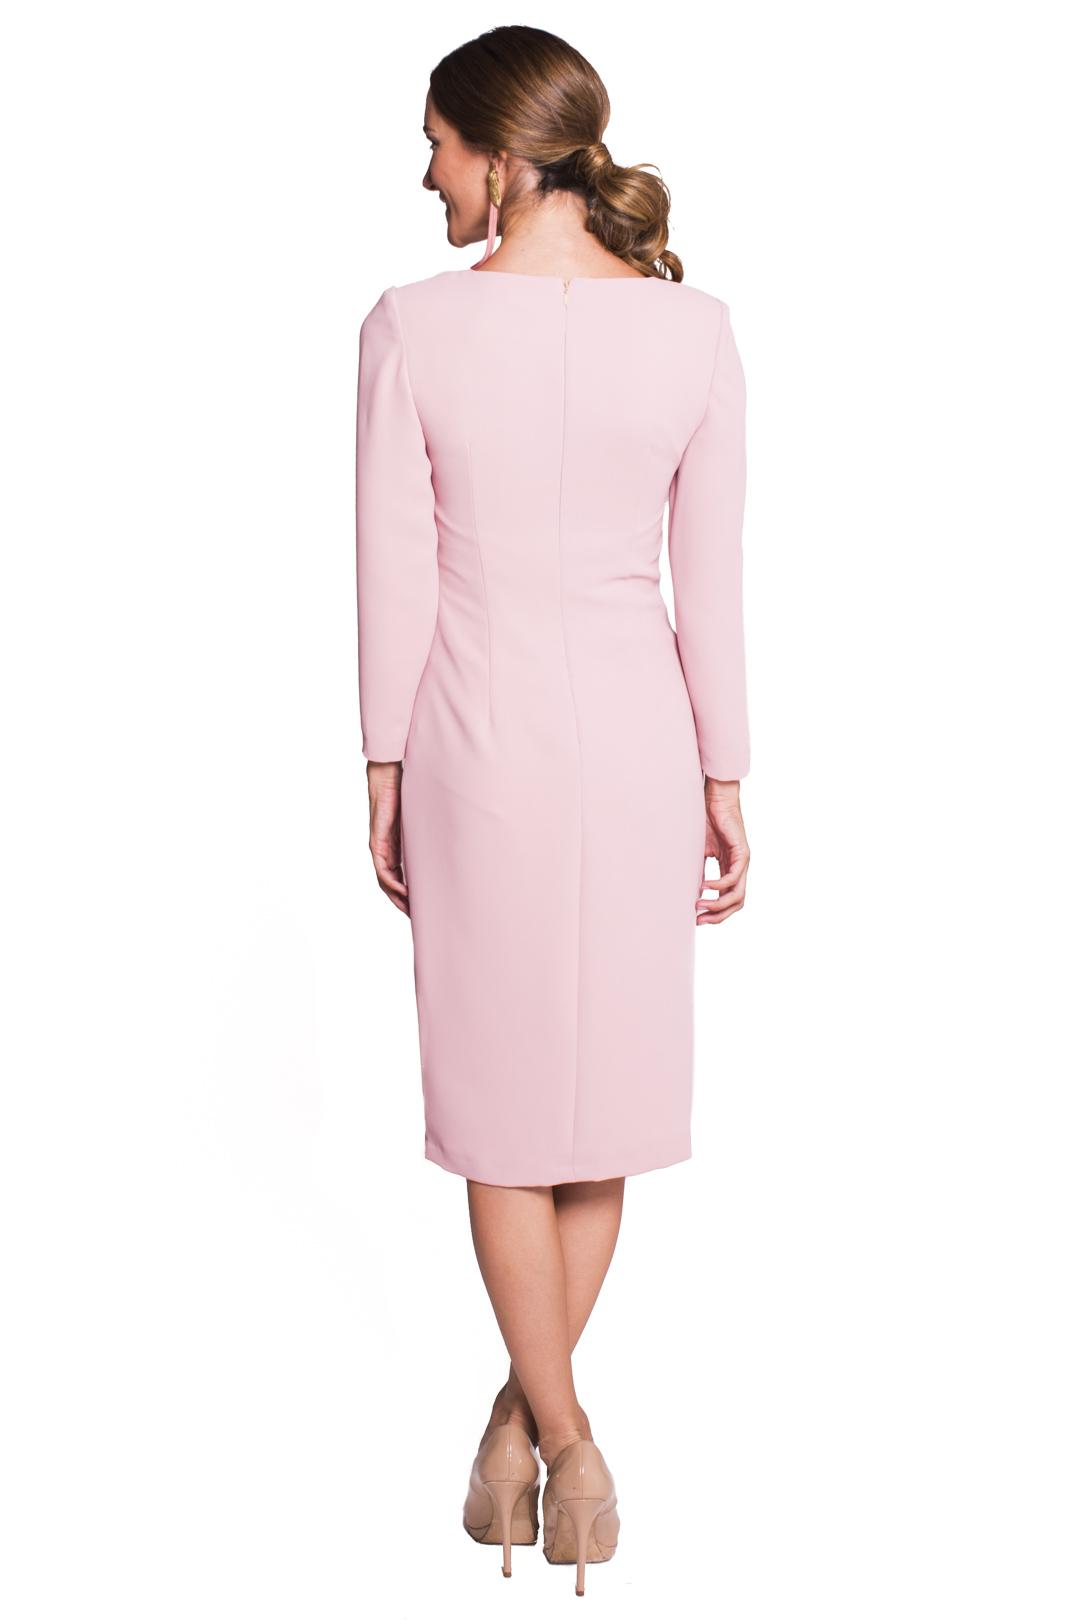 left - Vestido Gales Pink